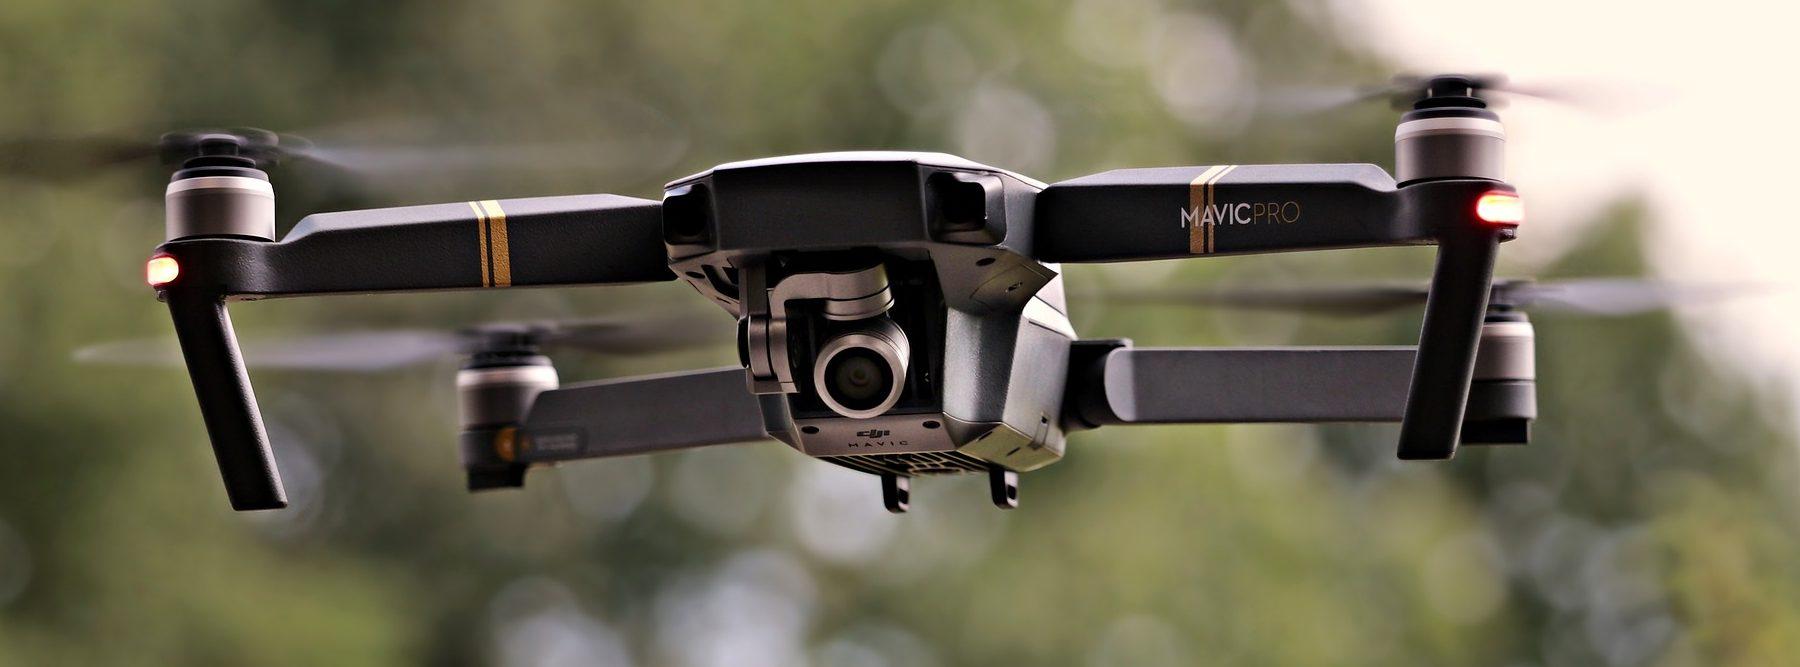 ¿Comida a domicilio a través de drones? ¡Ya es posible!